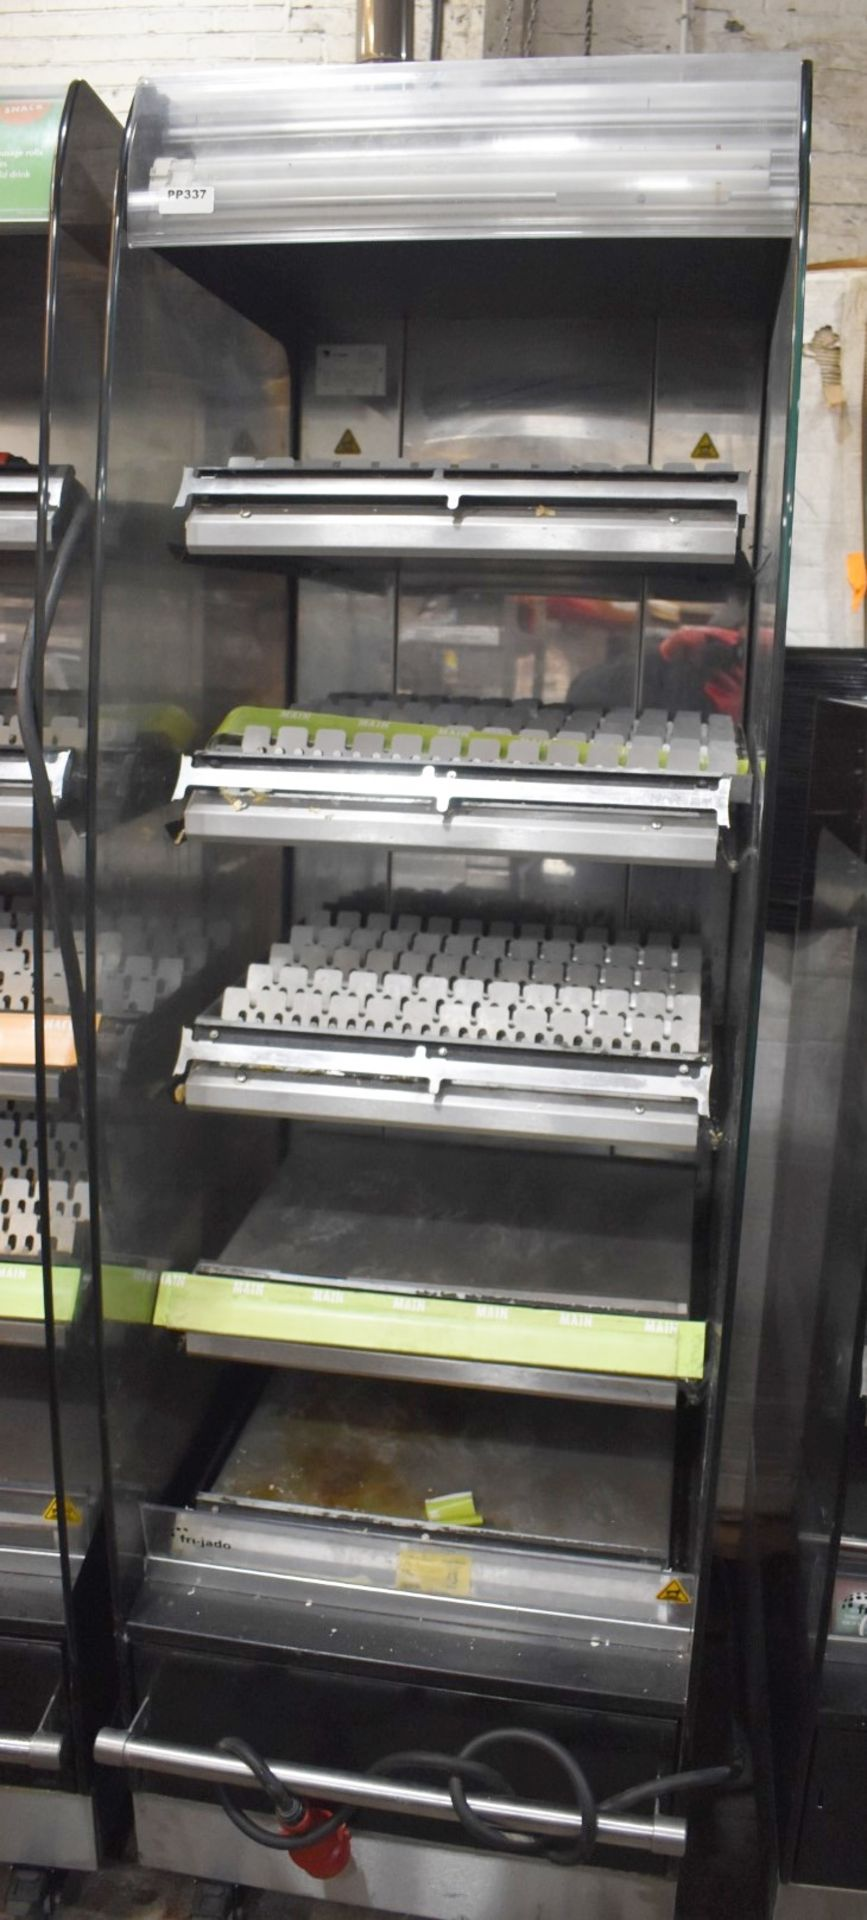 1 x Frijado Multi Deck 60 5 Level Heated Grab and Go Display Warmer - 400v 3 Phase - H197 x W60 x